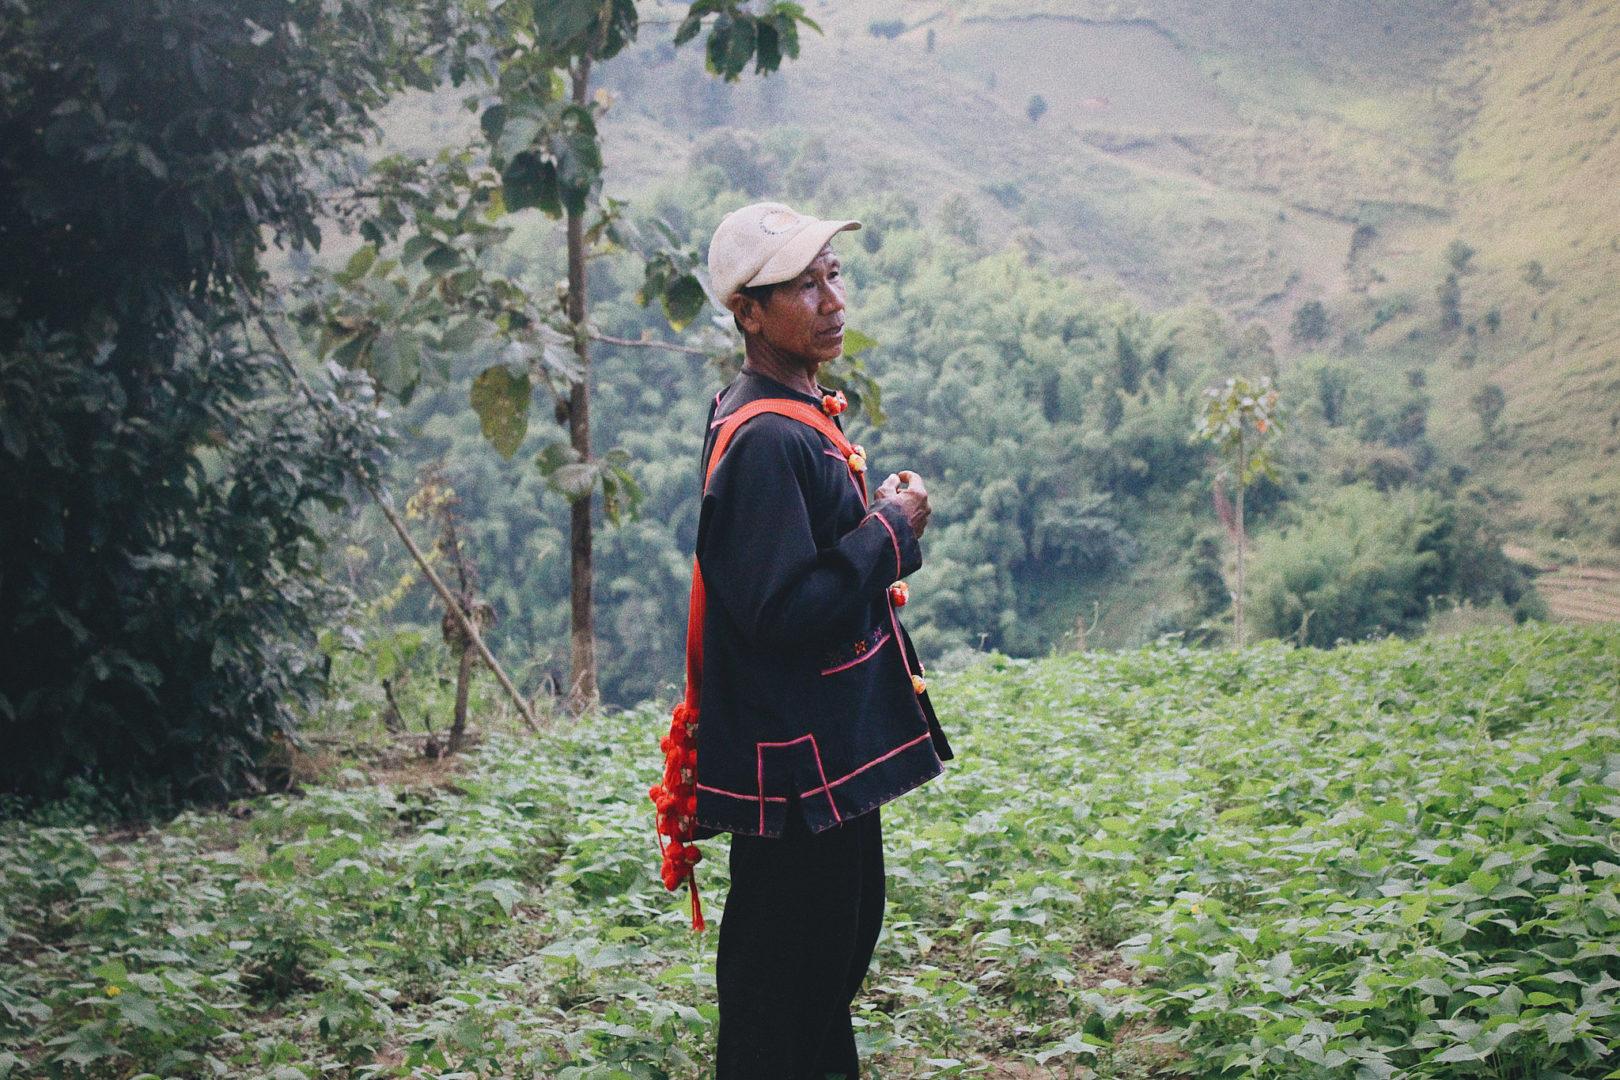 Jah Buh in his community's garden area.